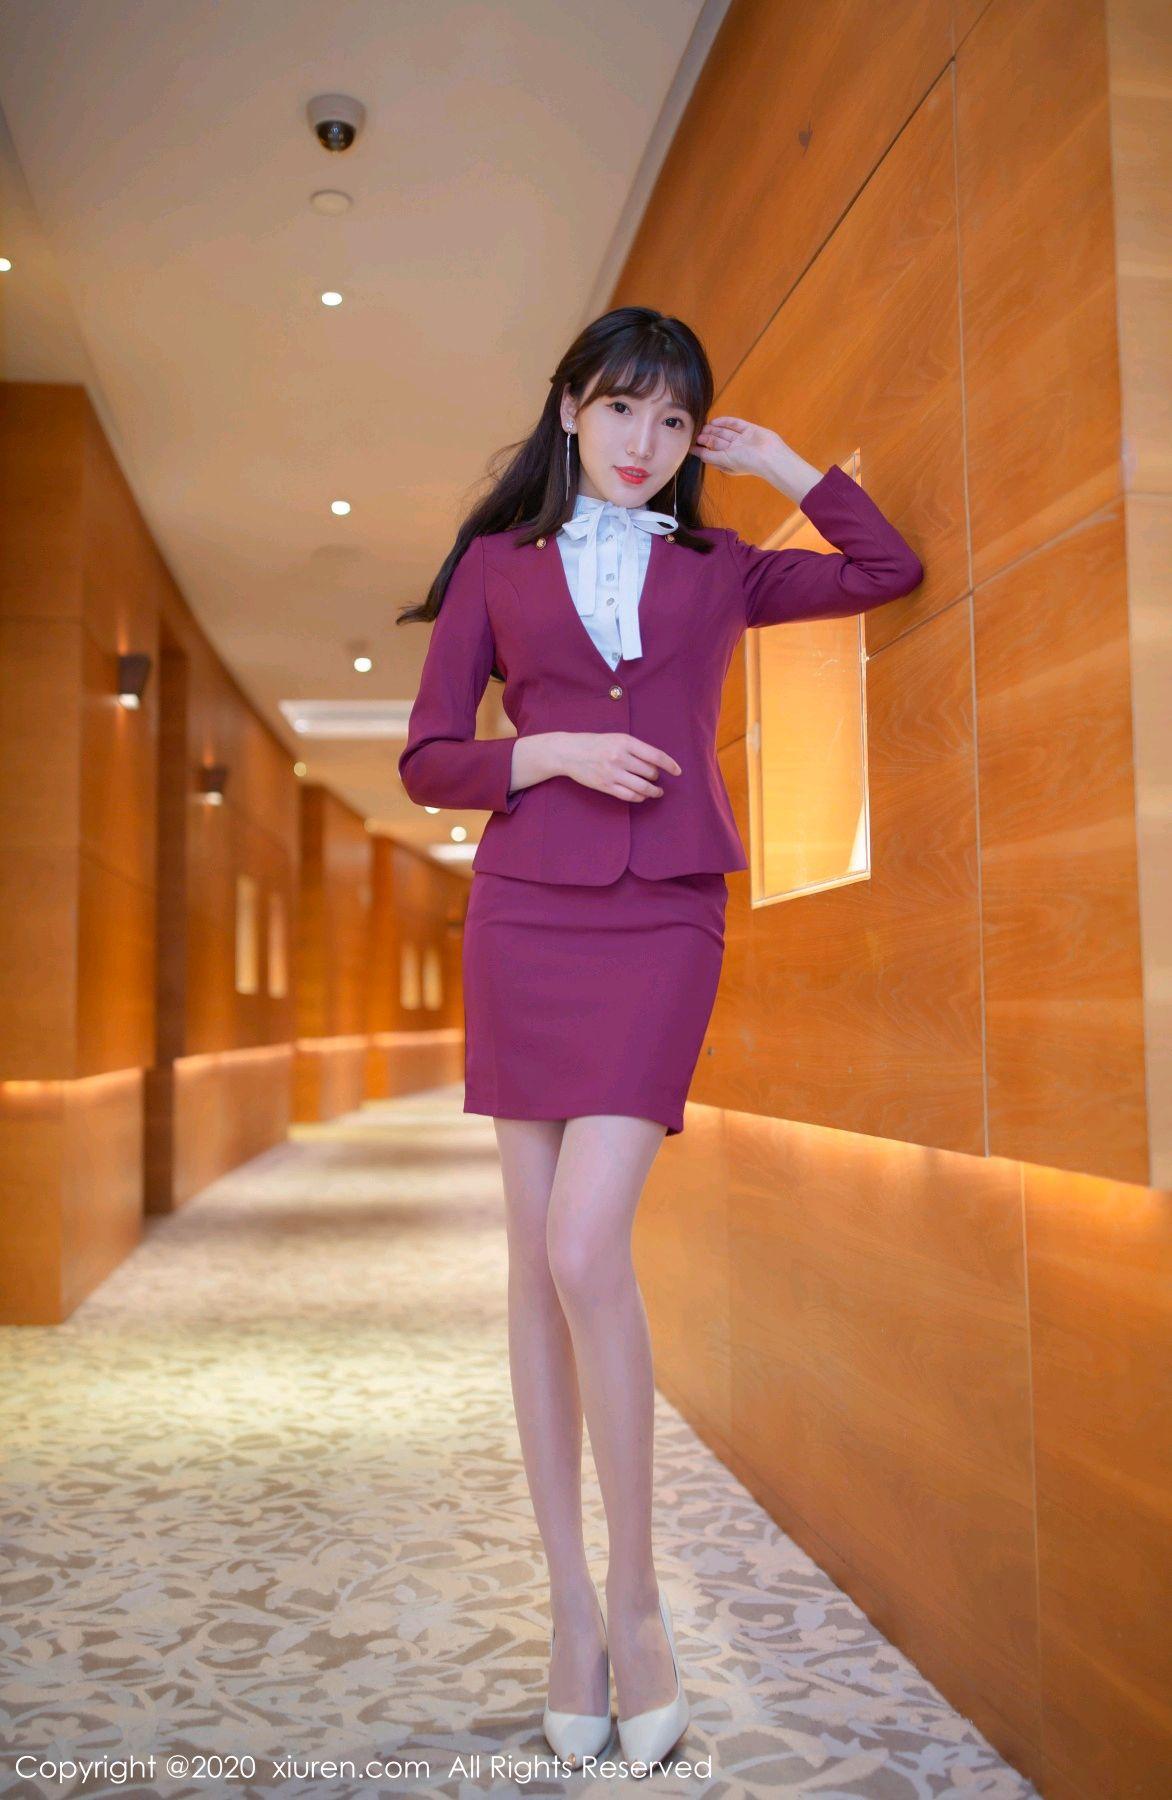 [XiuRen] Vol.2705 Lu Xuan Xuan 1P, Lu Xuan Xuan, Stewardess, Tall, Uniform, Xiuren